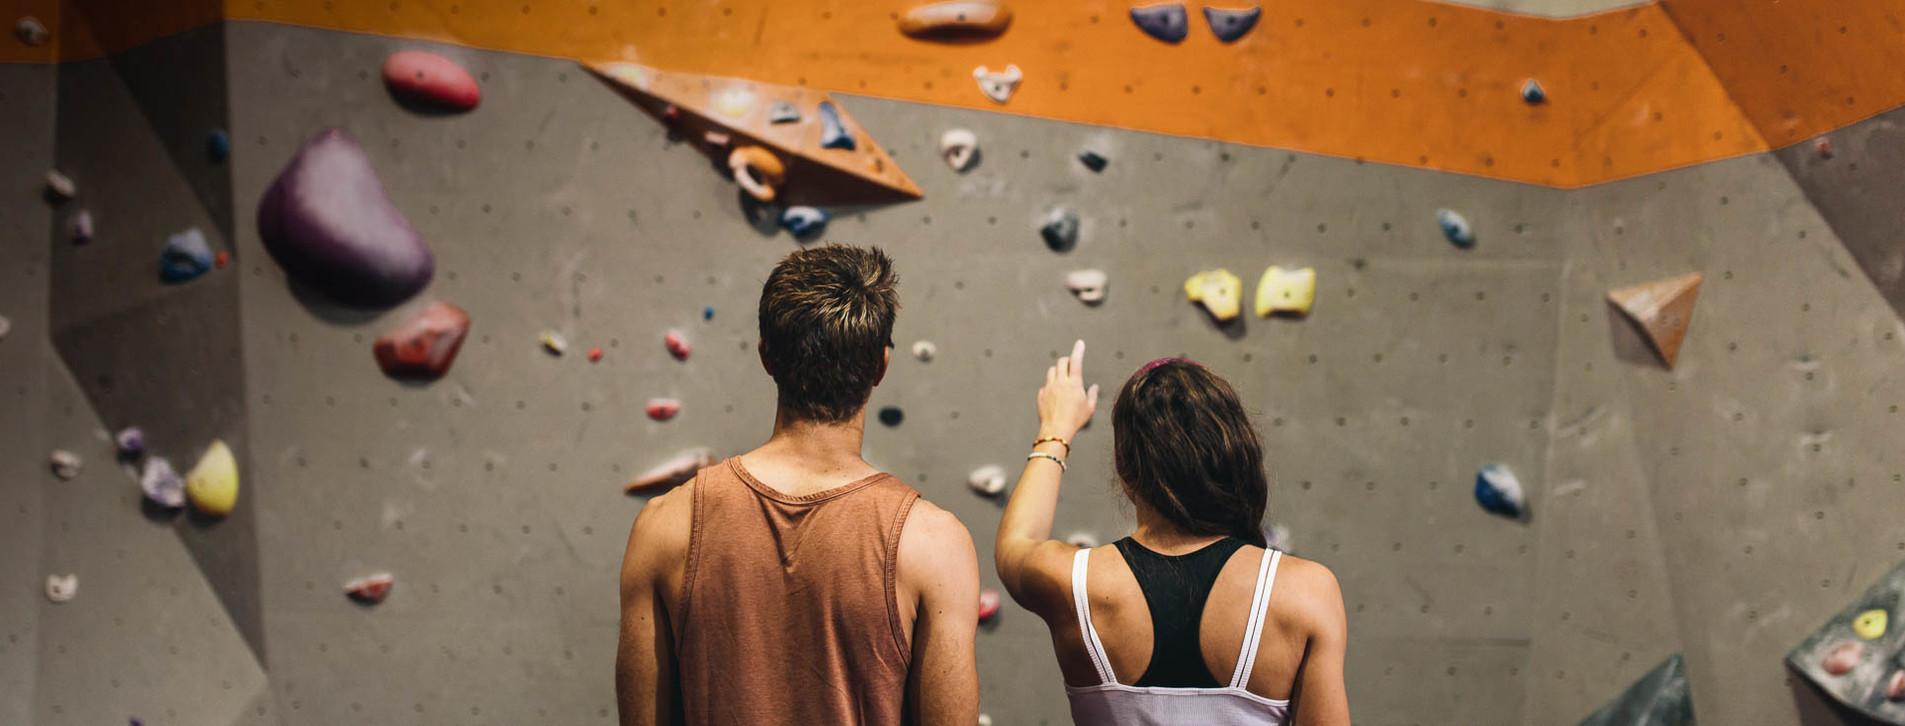 Фото 1 - Мастер-класс скалолазания для двоих